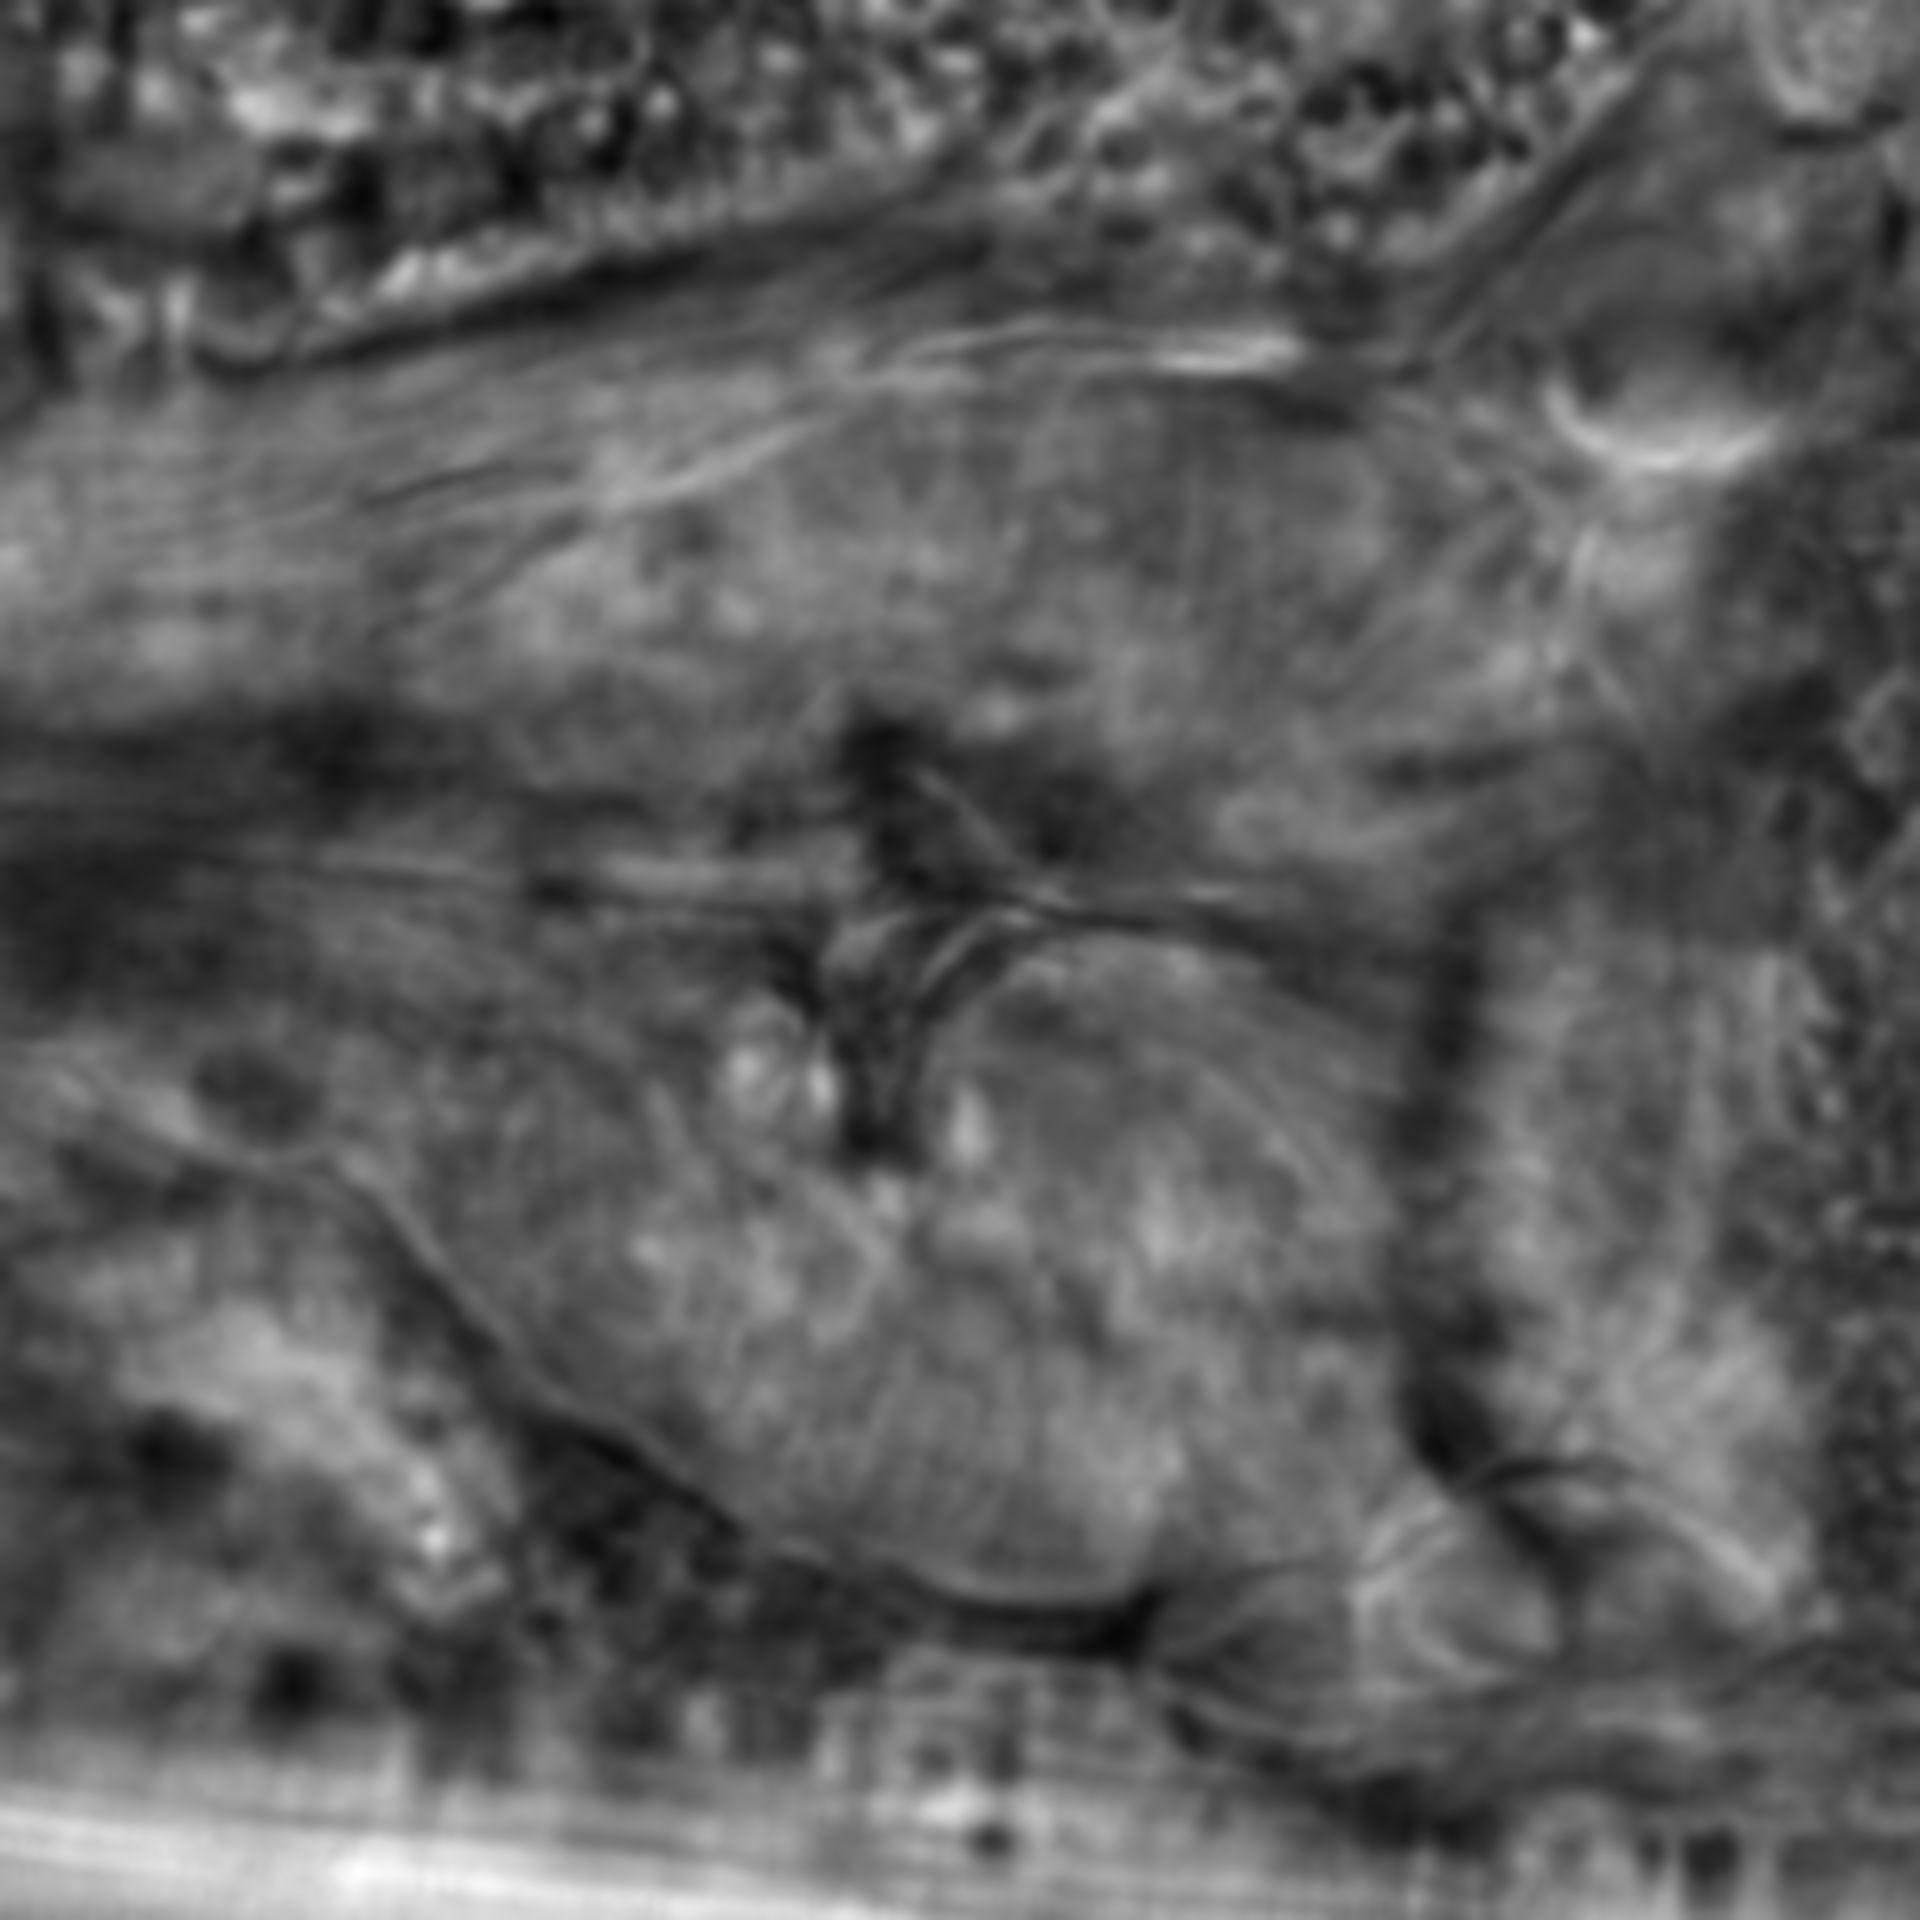 Caenorhabditis elegans - CIL:1797